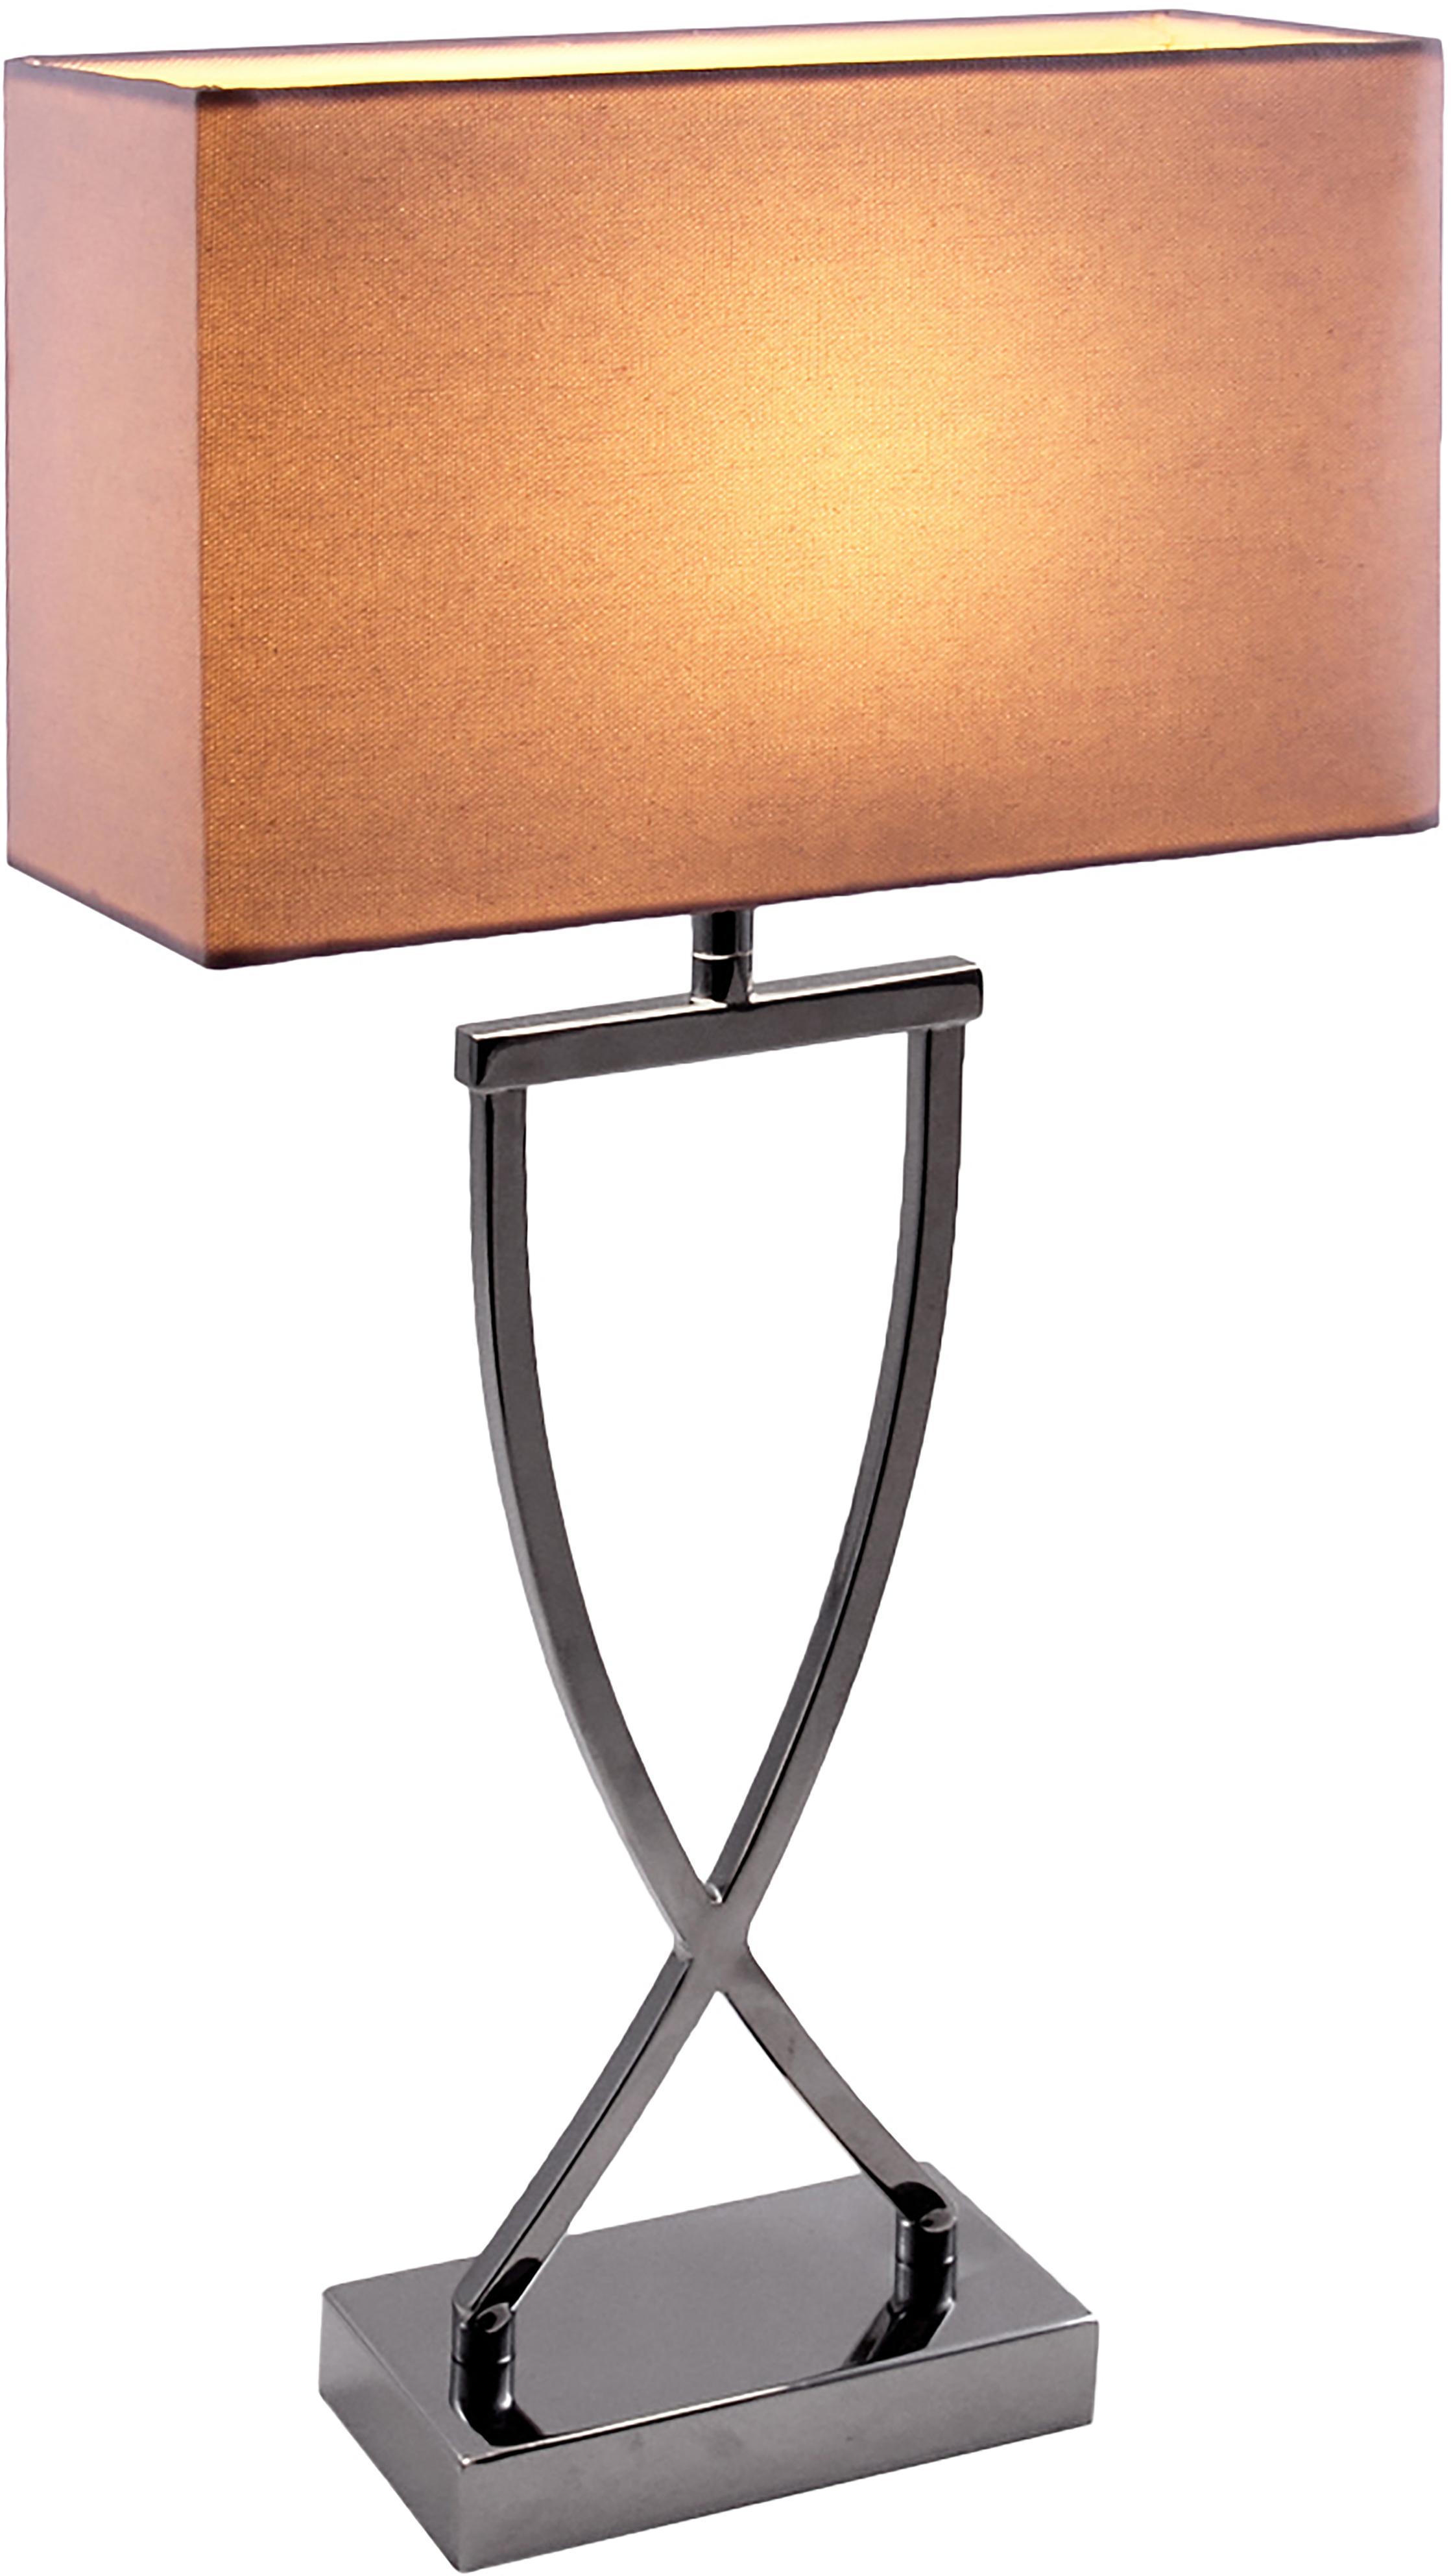 Lampe à poser chromée Vanessa, Pied de lampe: chrome, Abat-jour: blanc, Câble: blanc